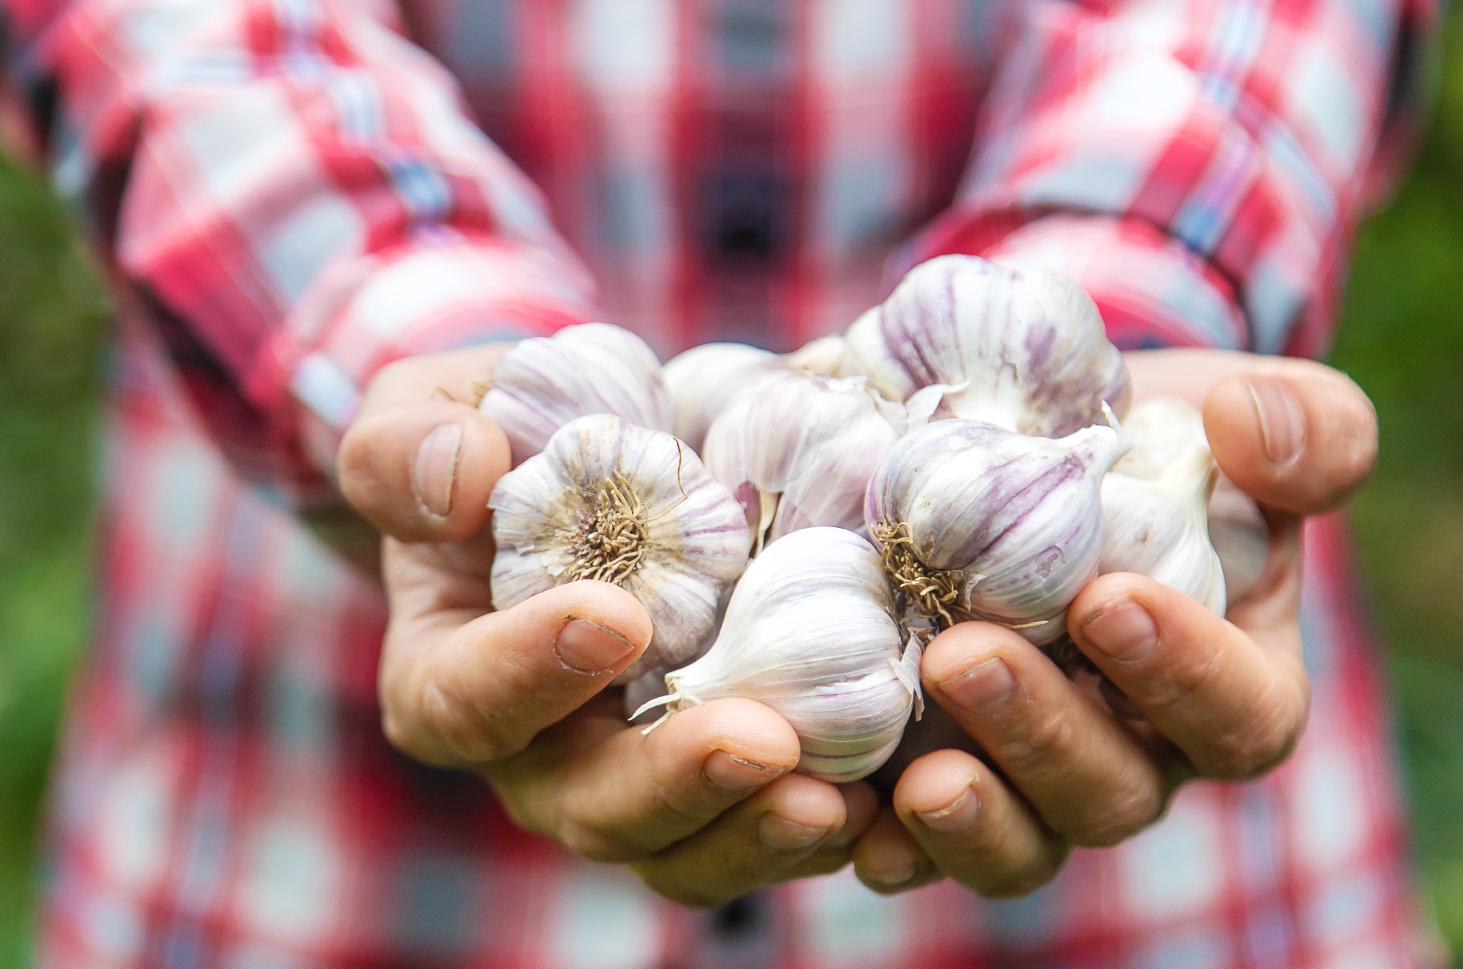 Kenali 3 Manfaat Bawang Putih untuk Kesehatan Pria